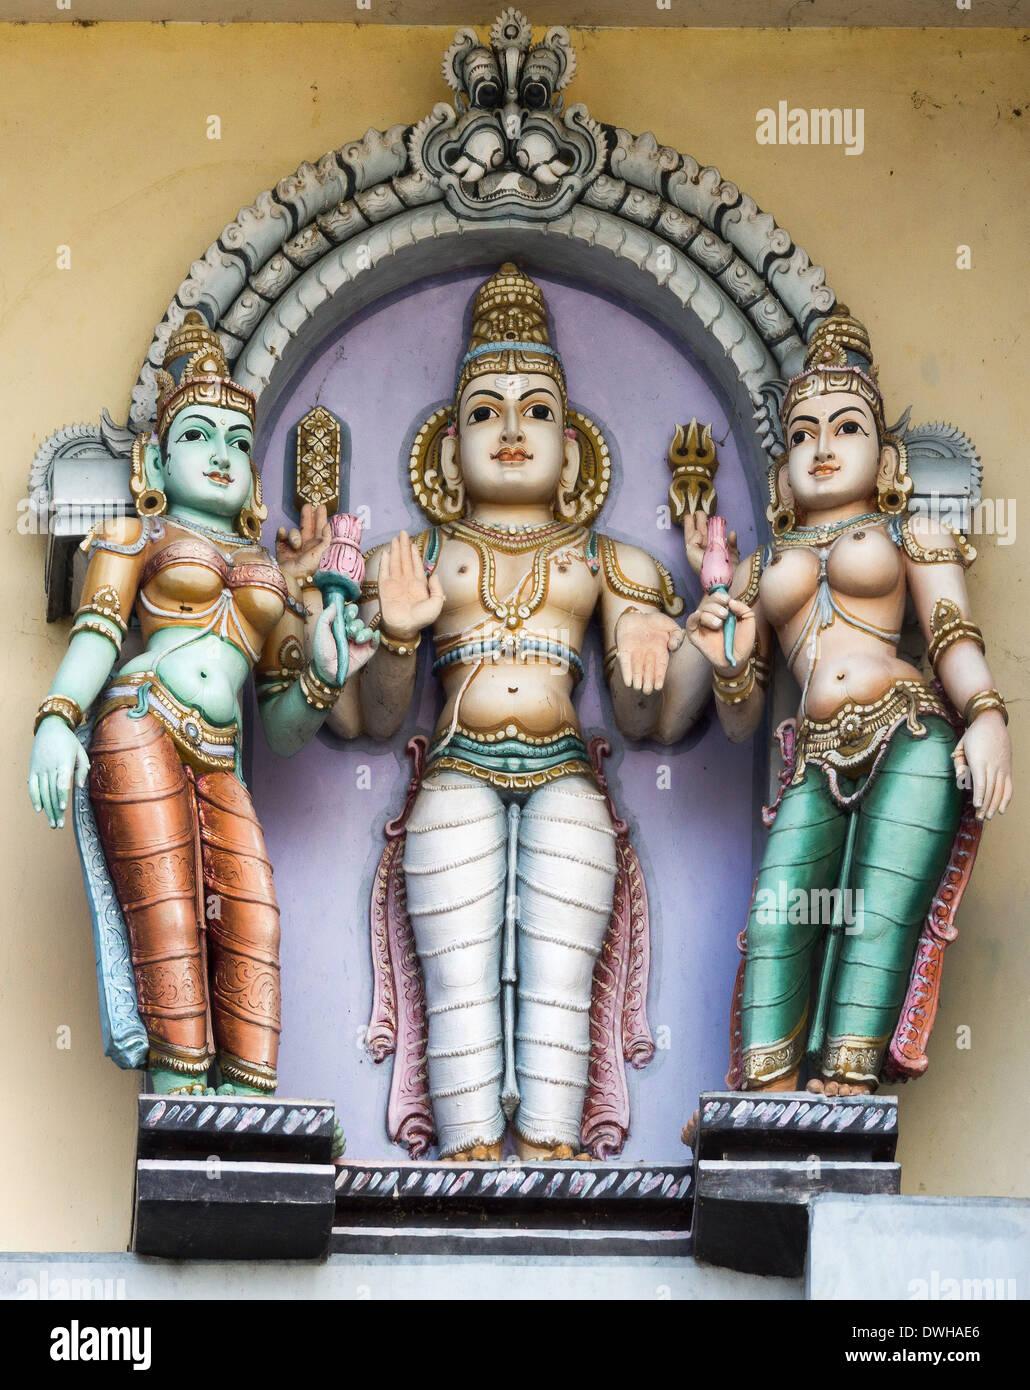 Lord Murugan und seine beiden Frauen, Valli und Deivayanai am Rathinagiri-Hügel-Tempel in Vellore, Tamil Nadu, Indien. Stockbild